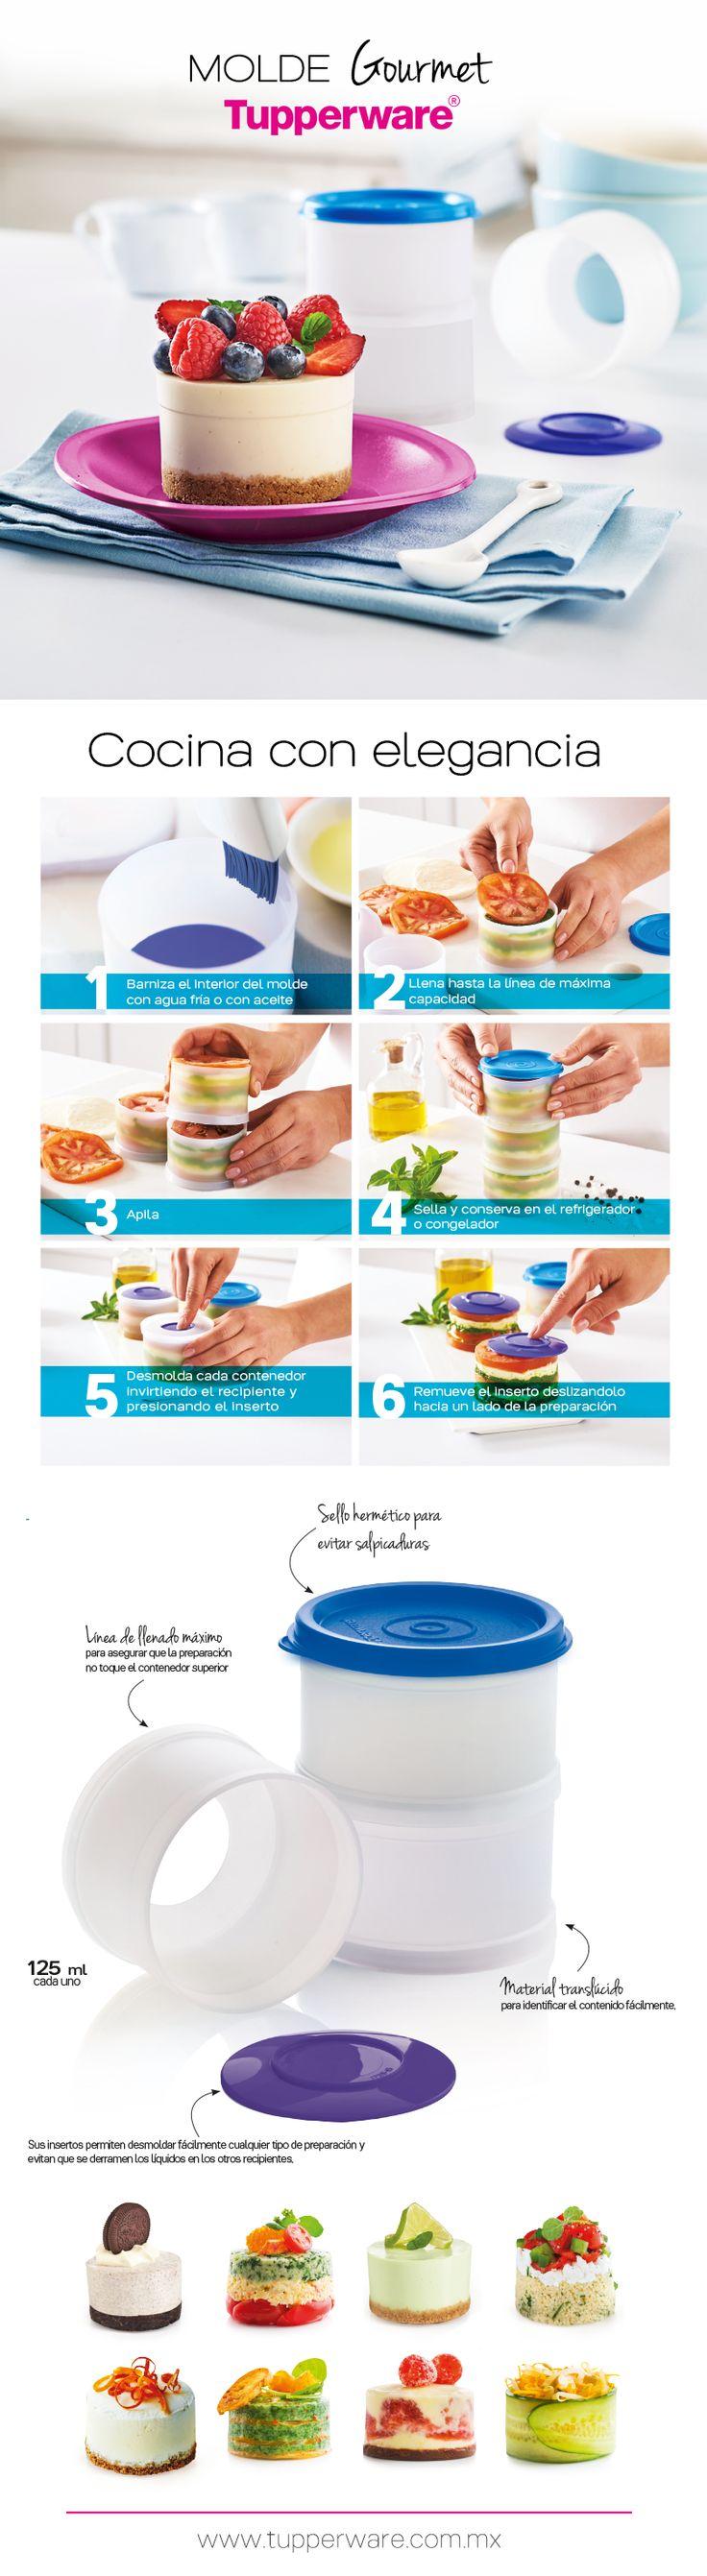 ¡Nuevo! Molde Gourmet Tupperware®